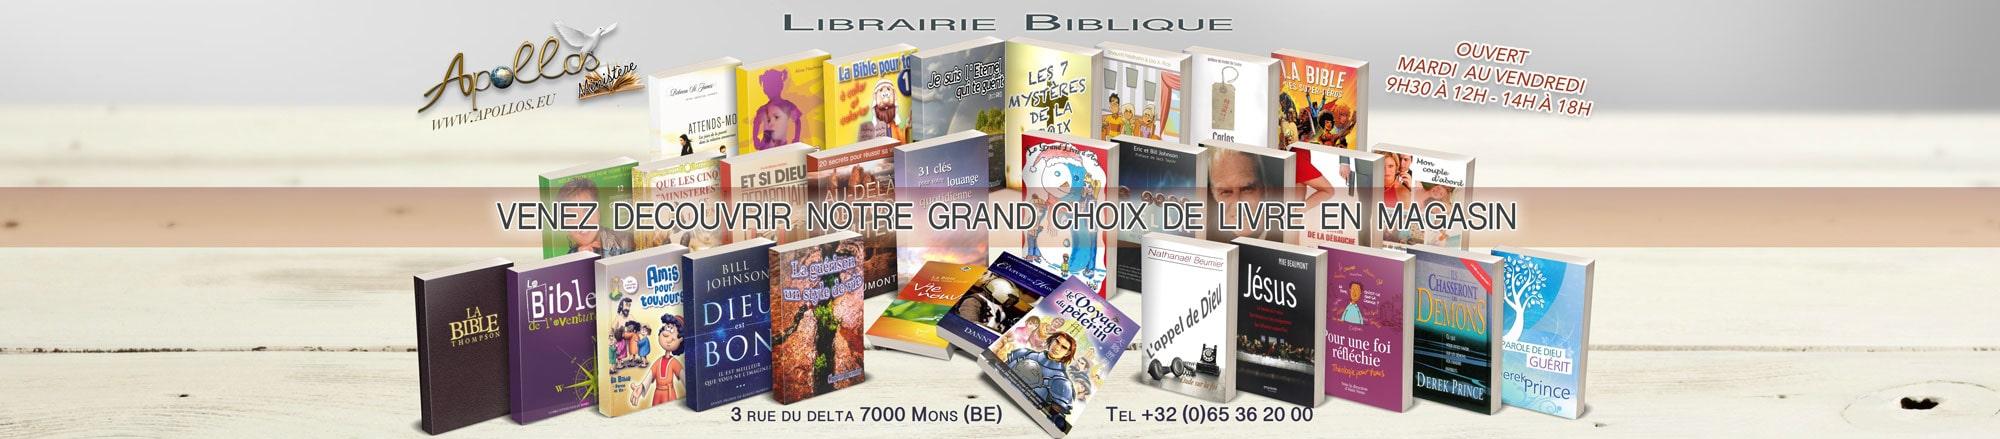 Librairie Biblique En Ligne